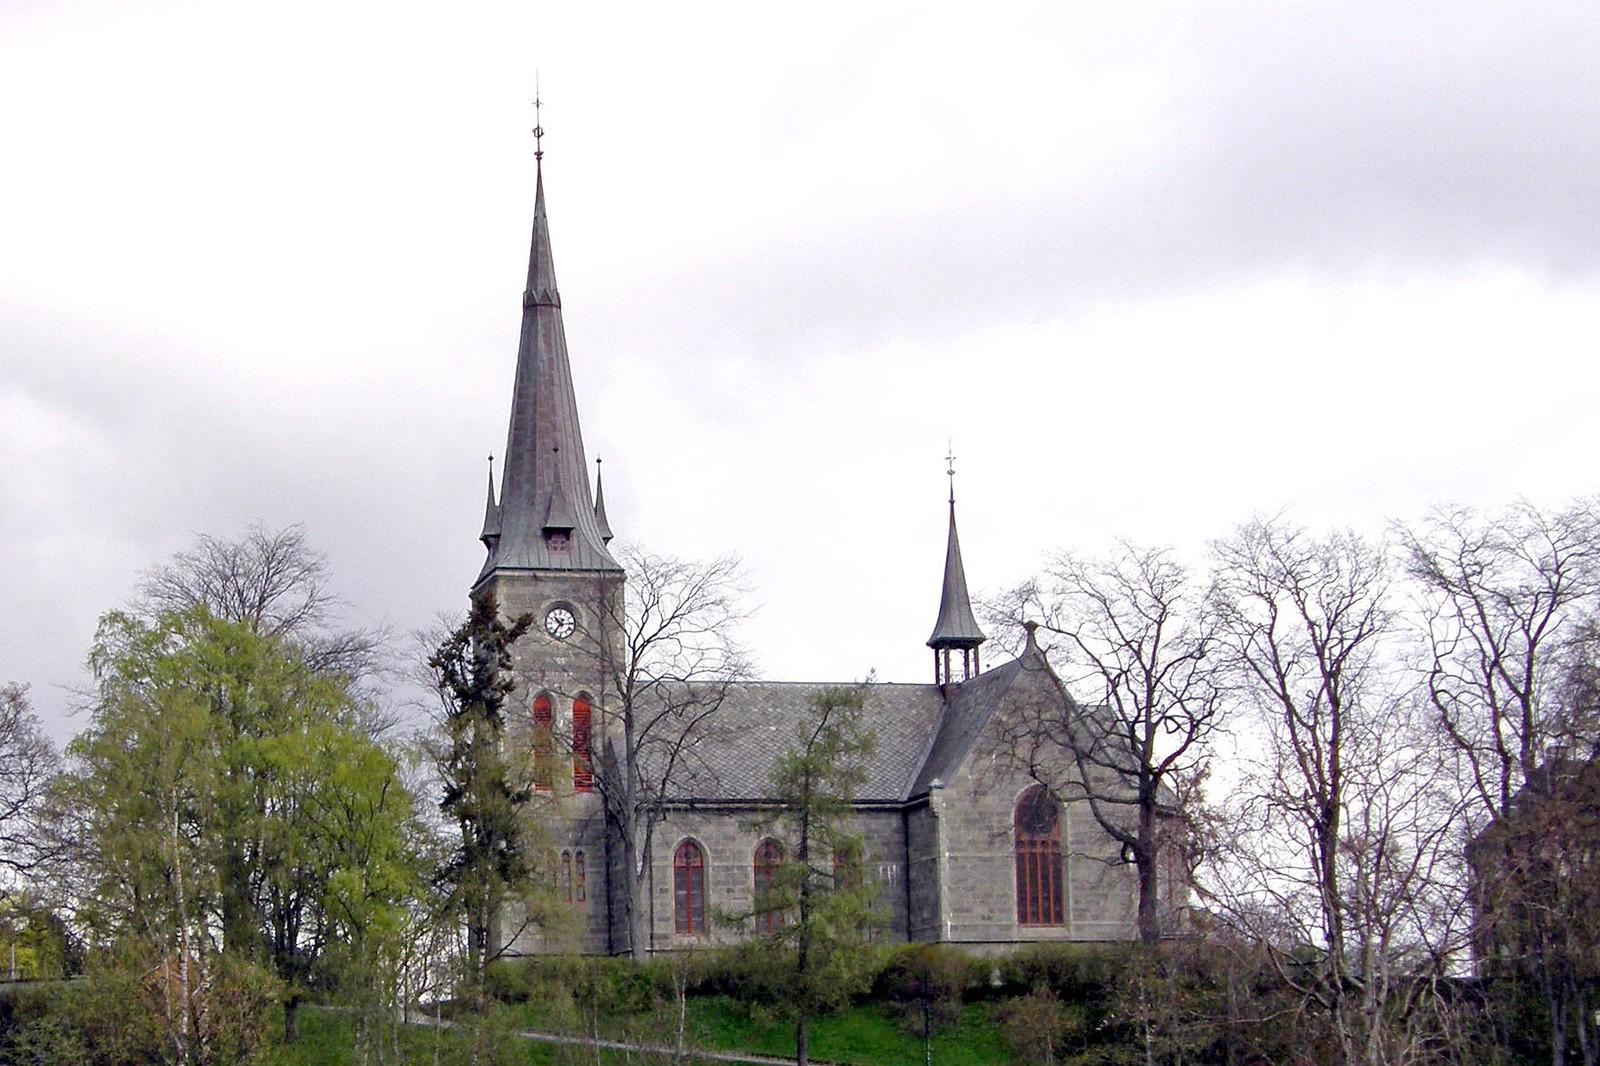 Ilen kirke er bygd i 1889 i nygotisk stil. Det er en korskirke med 900 plasser